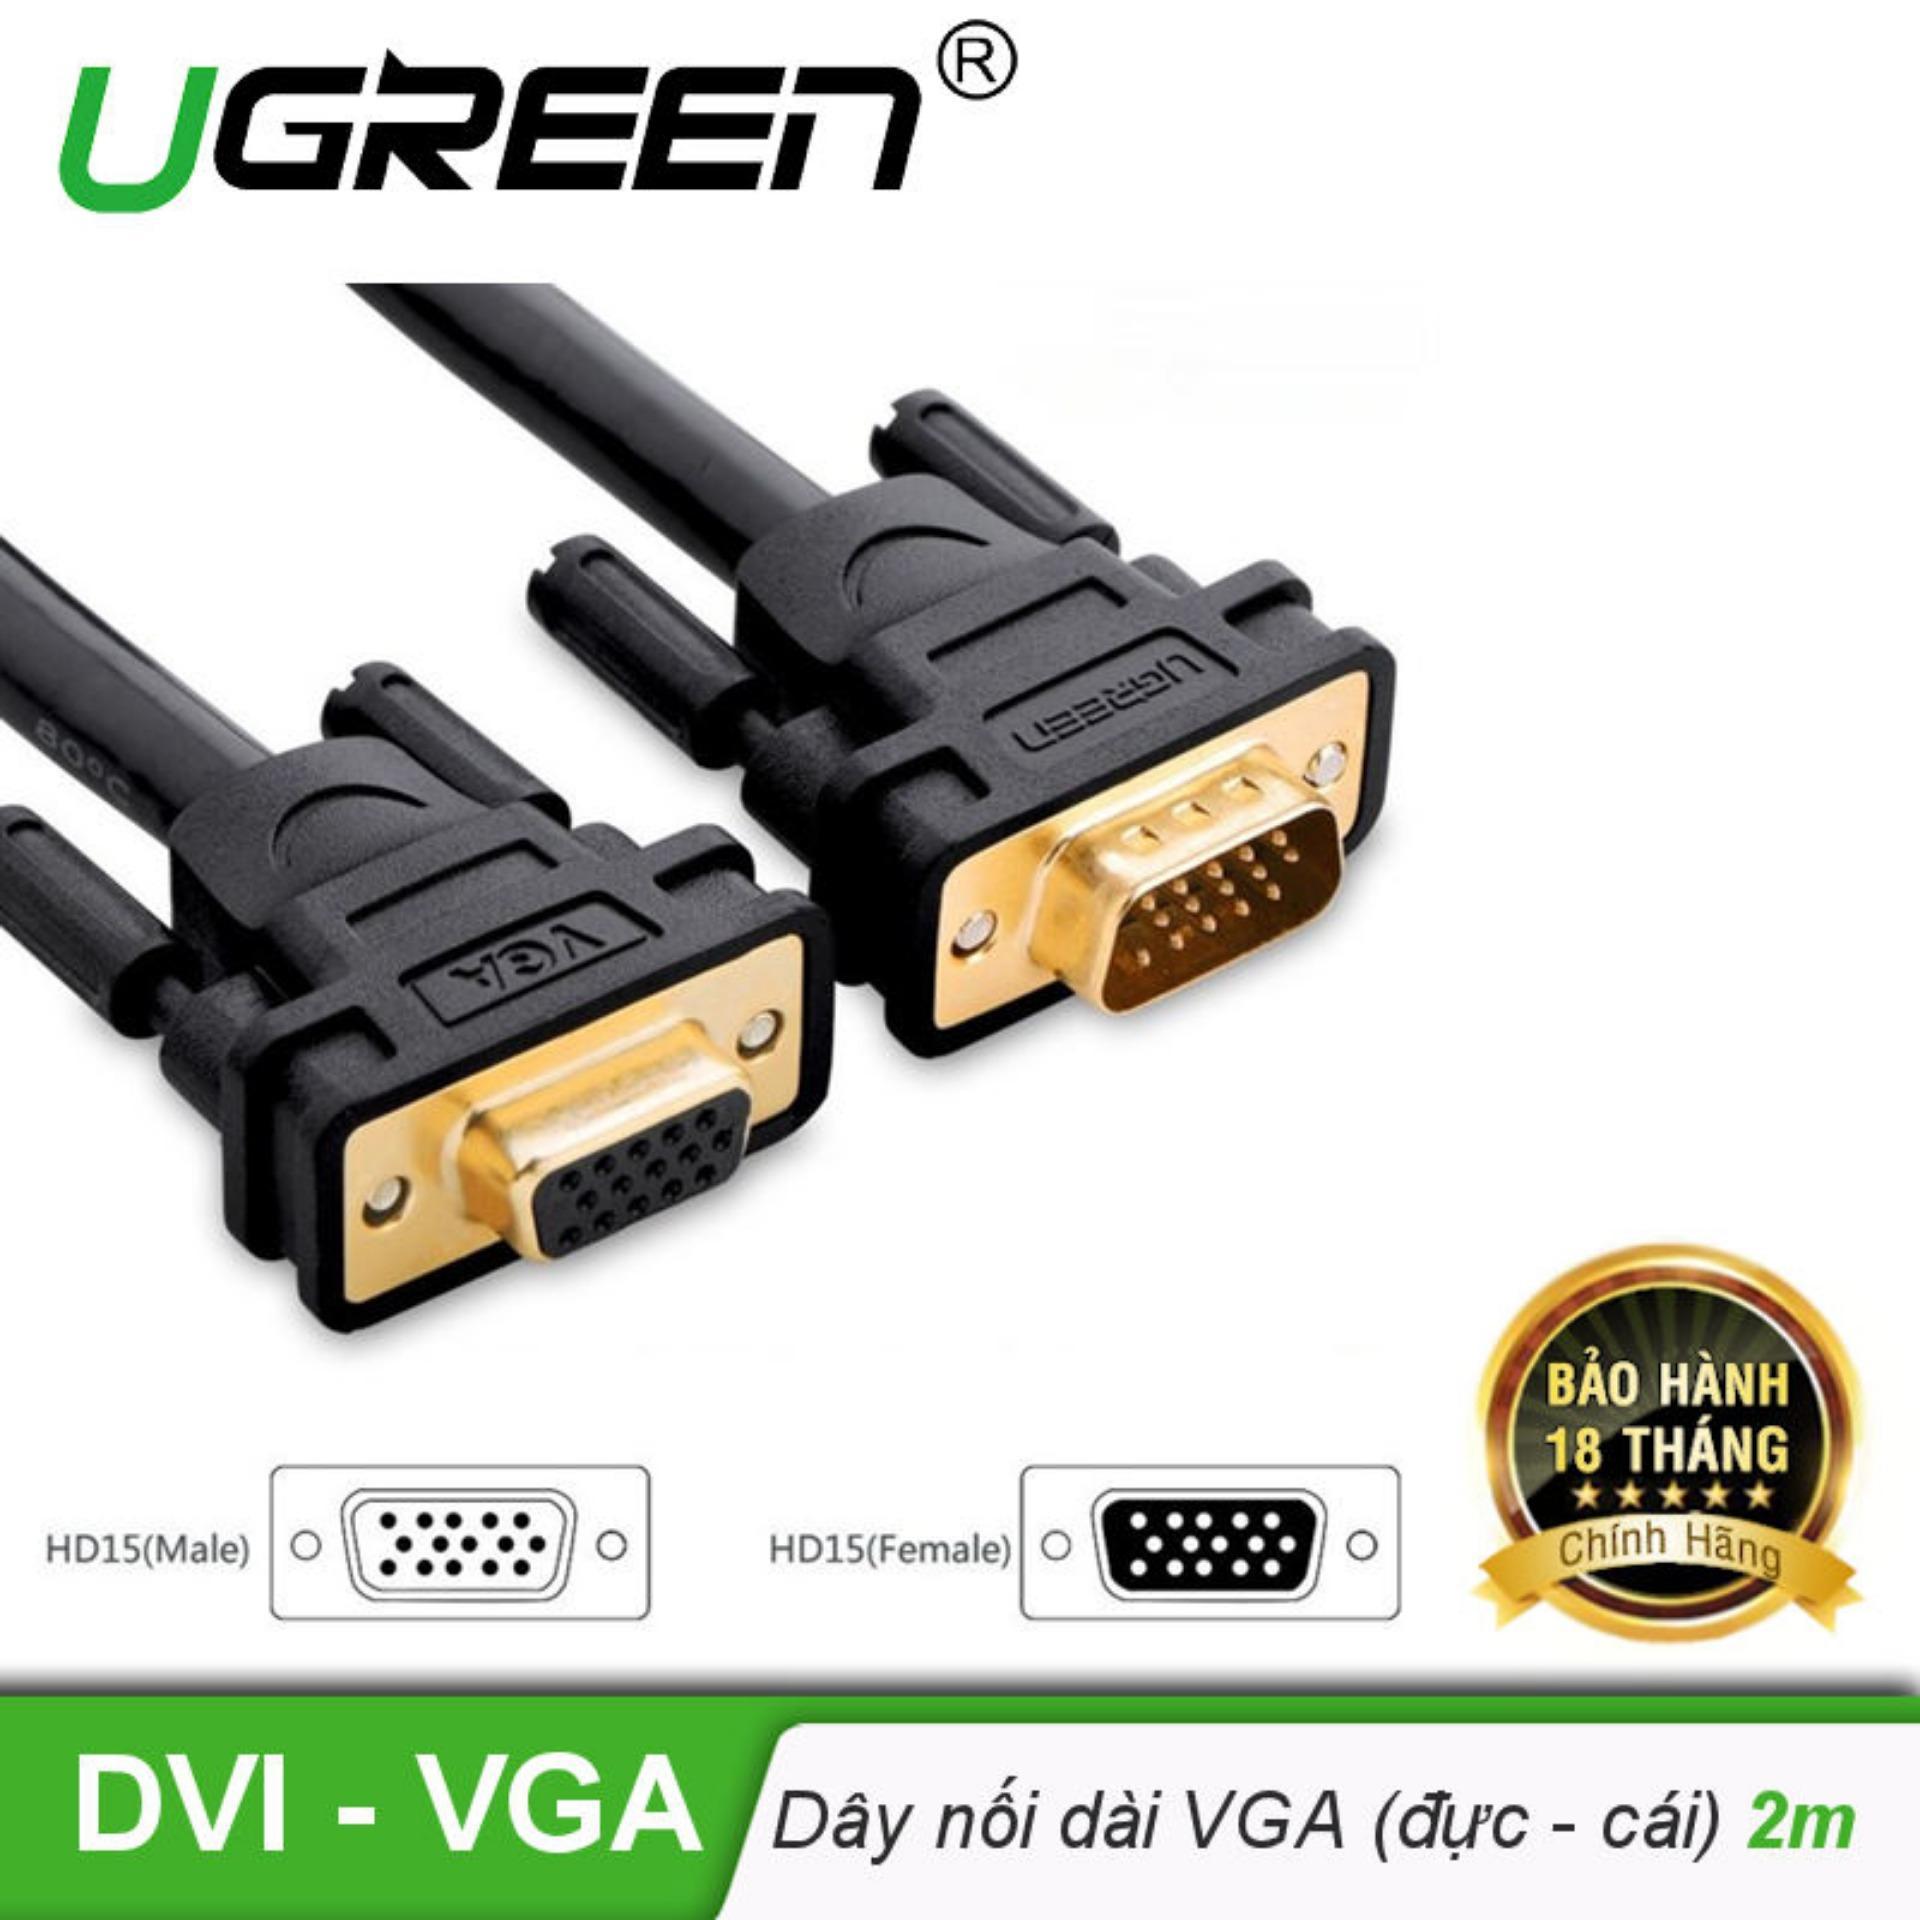 Bảng giá Dây nối dài VGA đực sang cái 3+6 OD8.0MM dài 2m UGREEN VG103 11614 - Hãng phân phối chính thức Phong Vũ